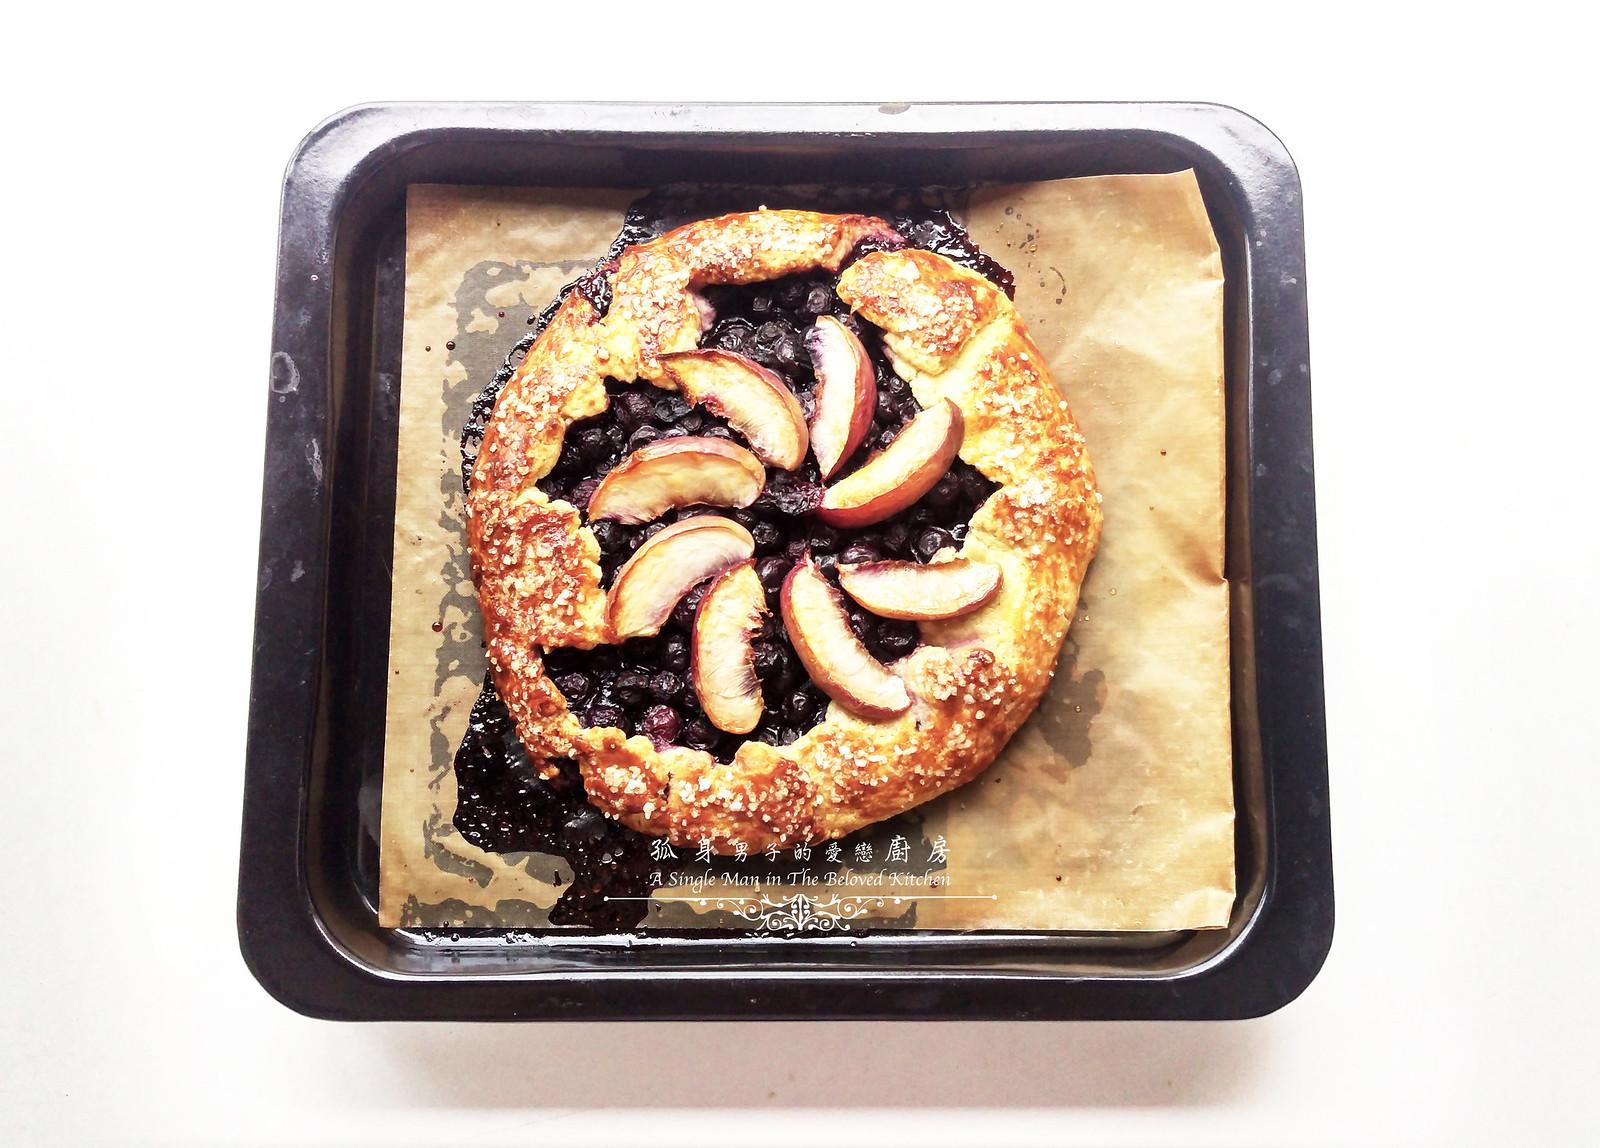 孤身廚房-藍莓甜桃法式烘餅Blueberry-Nectarin Galette24